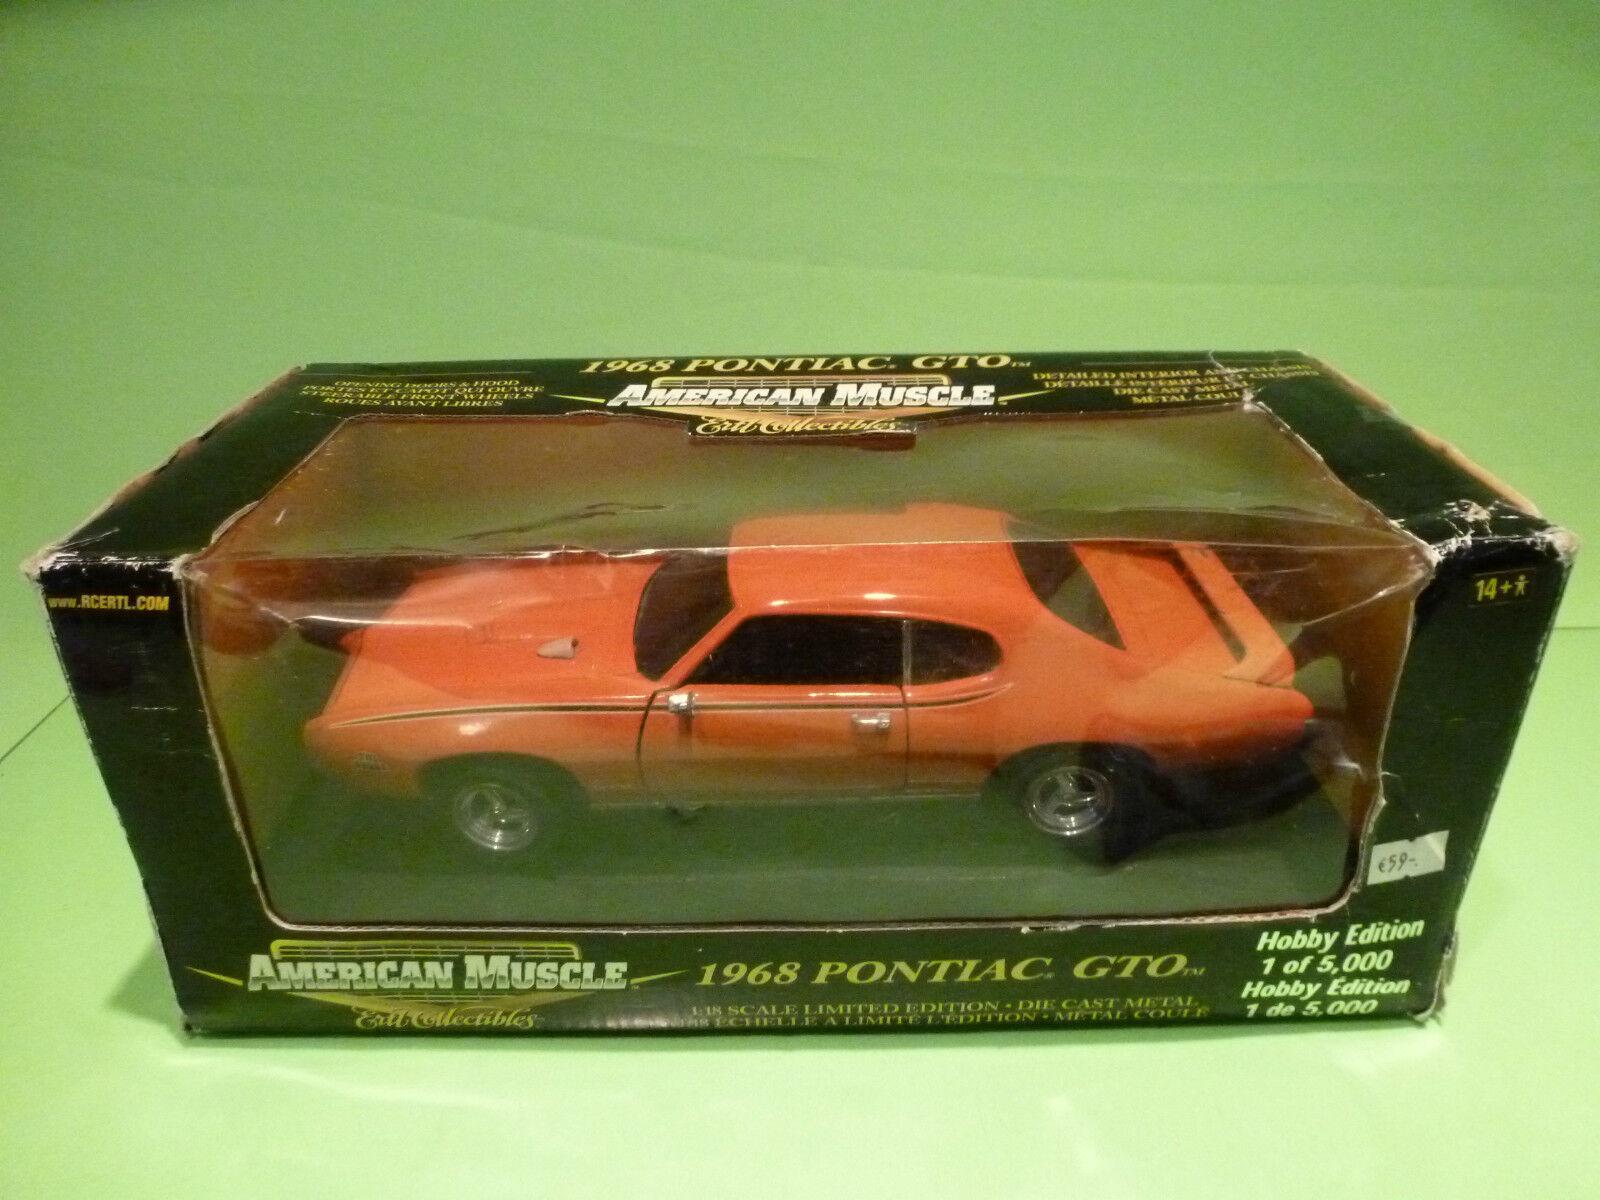 autorización ERTL AMERICAN MUSCLE 36678 PONTIAC GTO 1968 1968 1968 - naranja 1 18 - VERY GOOD IN BOX  precios mas bajos